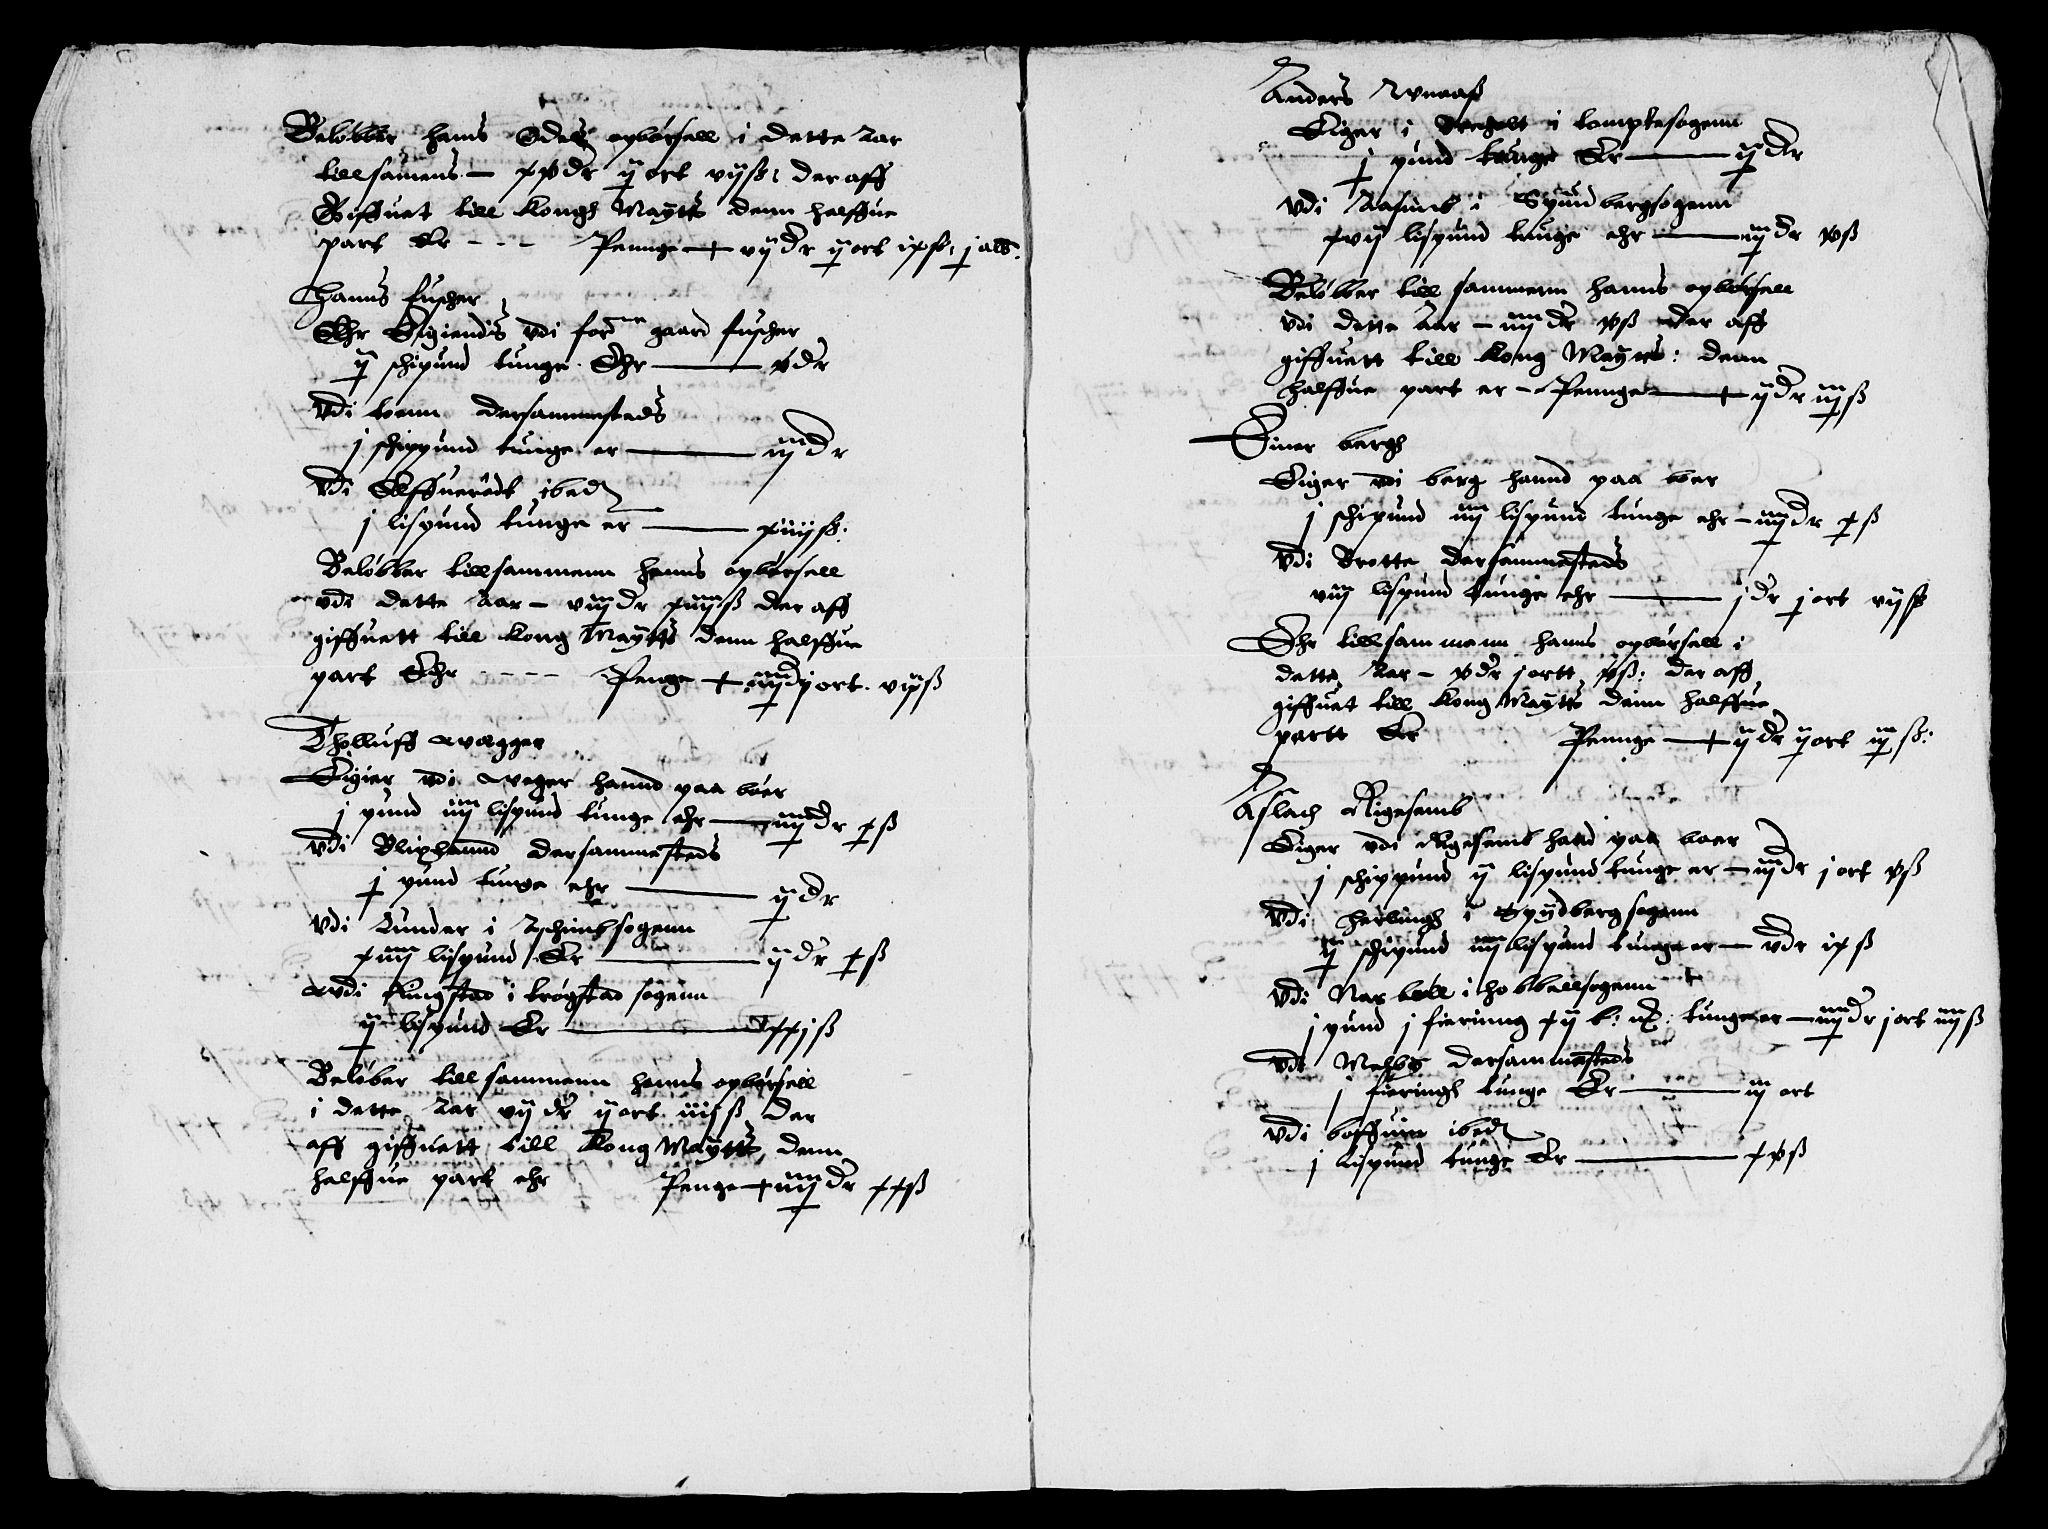 RA, Rentekammeret inntil 1814, Reviderte regnskaper, Lensregnskaper, R/Rb/Rbd/L0001: Maria kirke prosti gods og Rakkestad len, 1627-1633